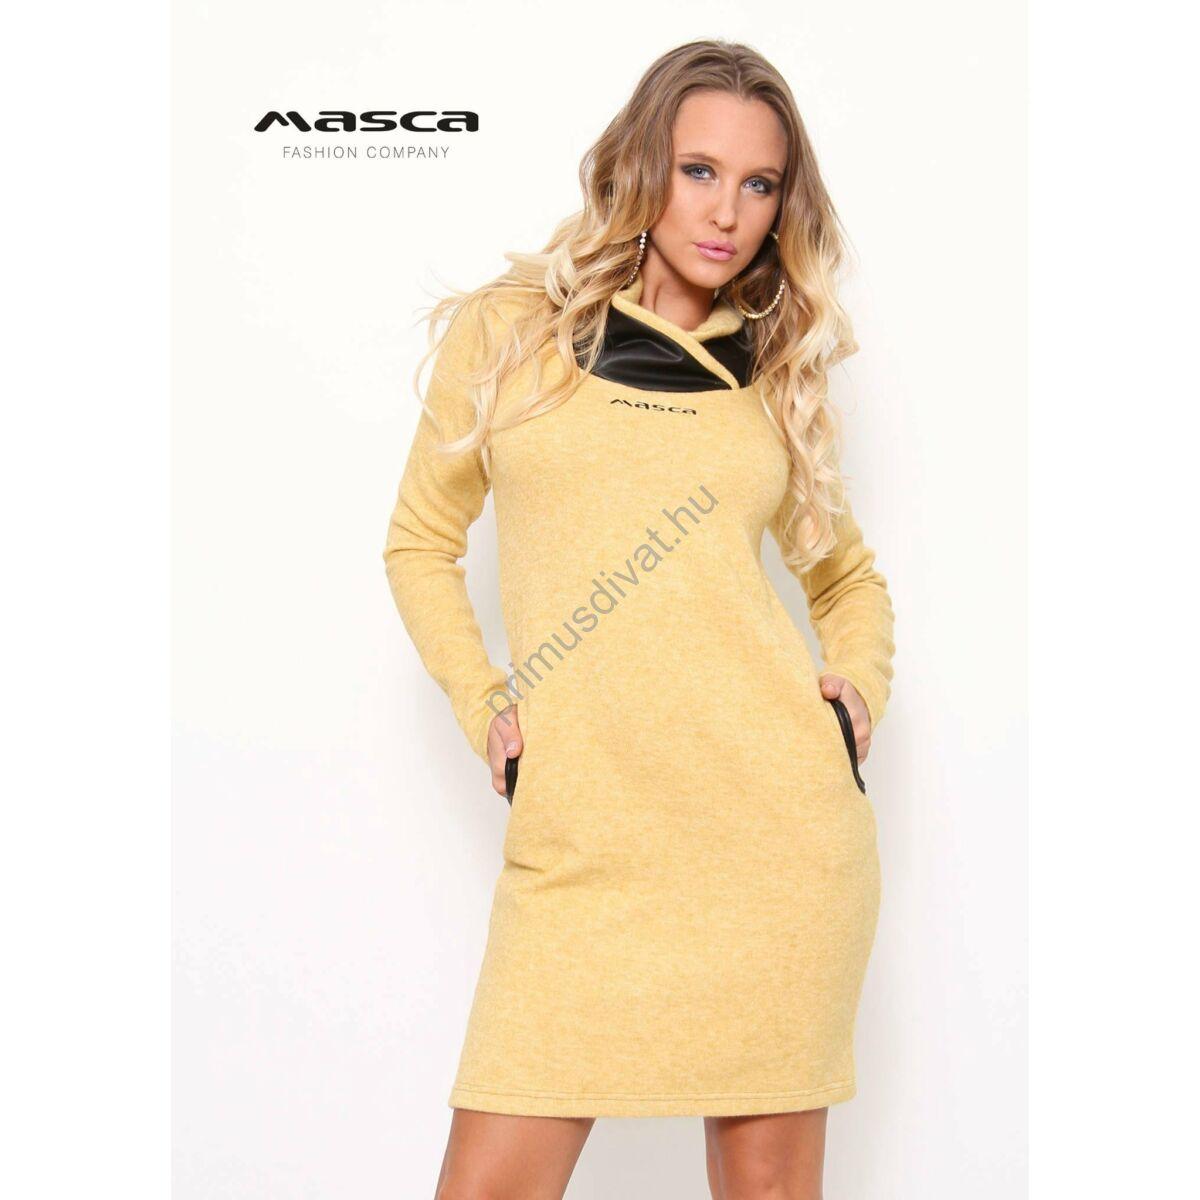 Kép 1 1 - Masca Fashion puha kötött hatású sárga-melange zsebes miniruha 985709c013